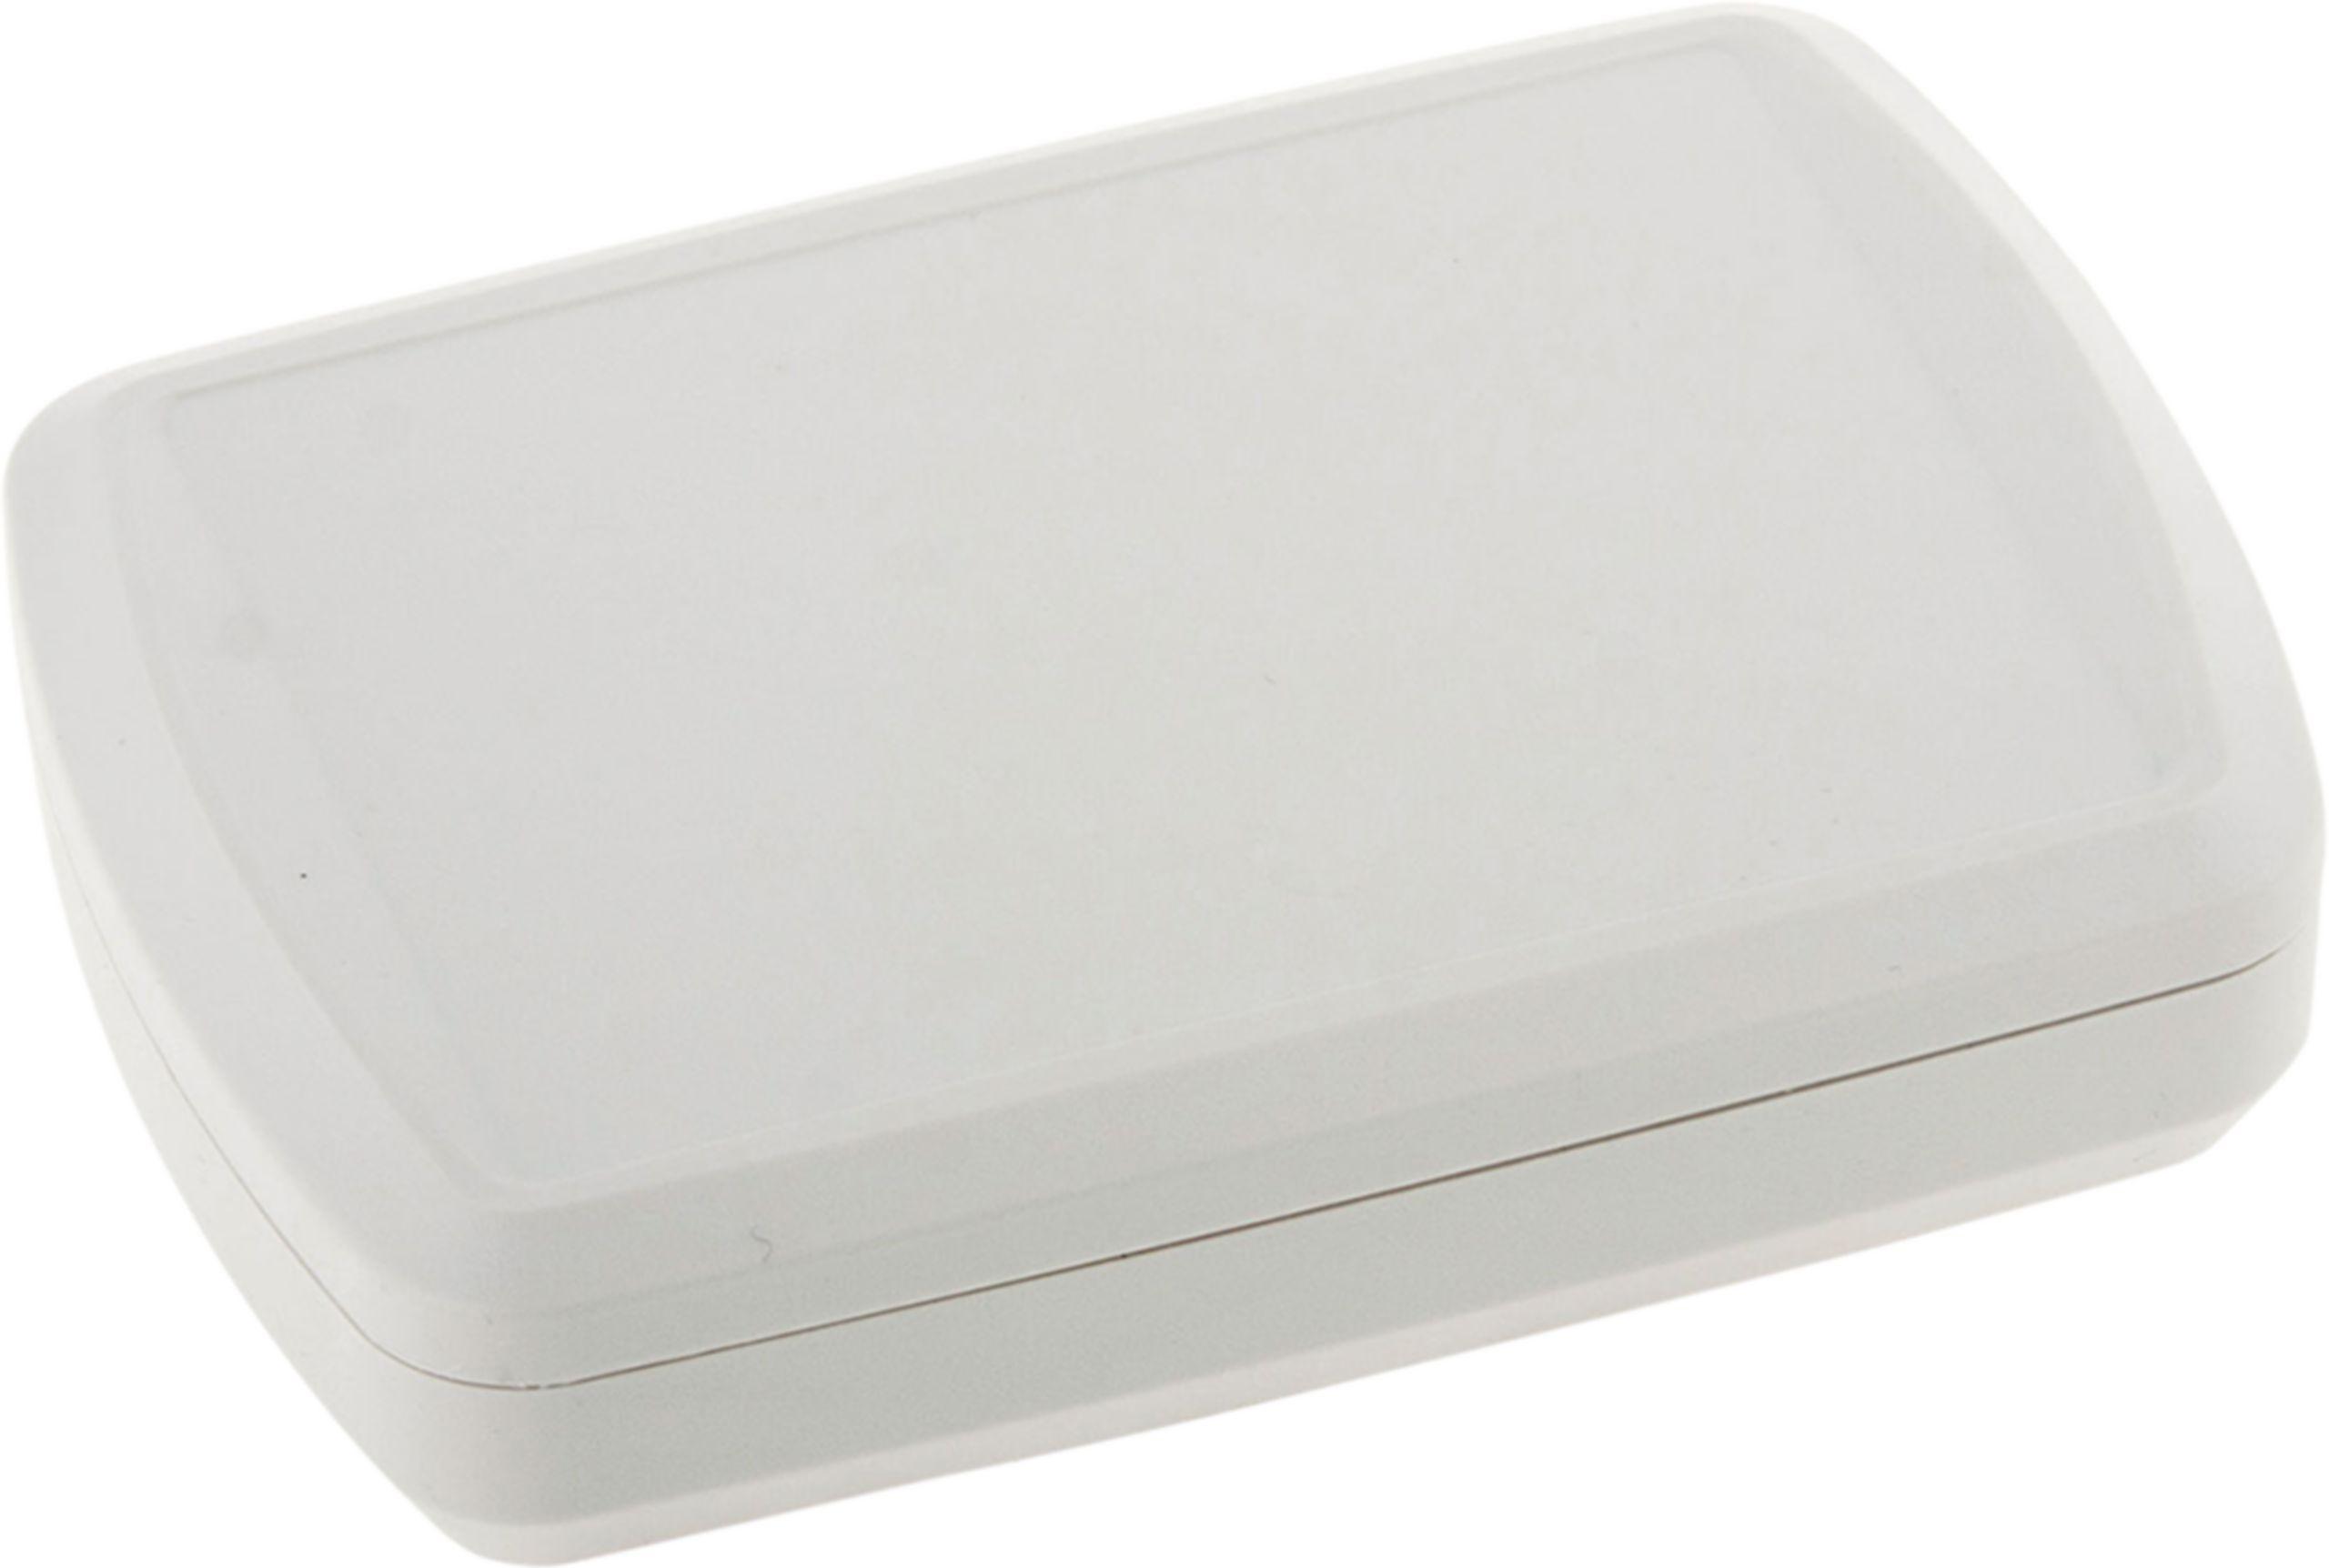 Pouzdro ABS bílé, 140 x 100 x 30 mm